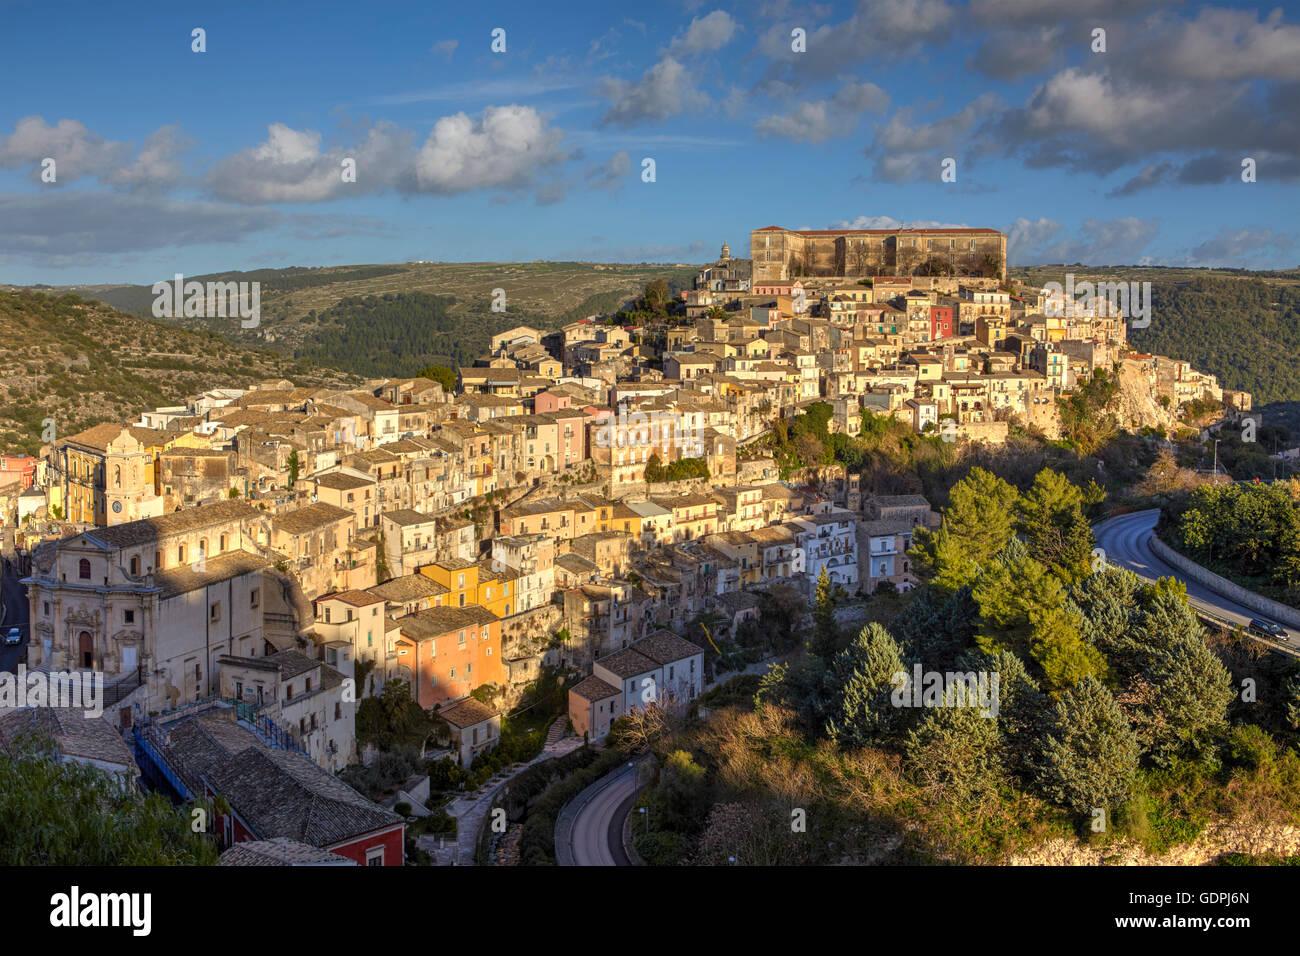 La città di Ragusa Ibla, Sicilia, Italia Immagini Stock